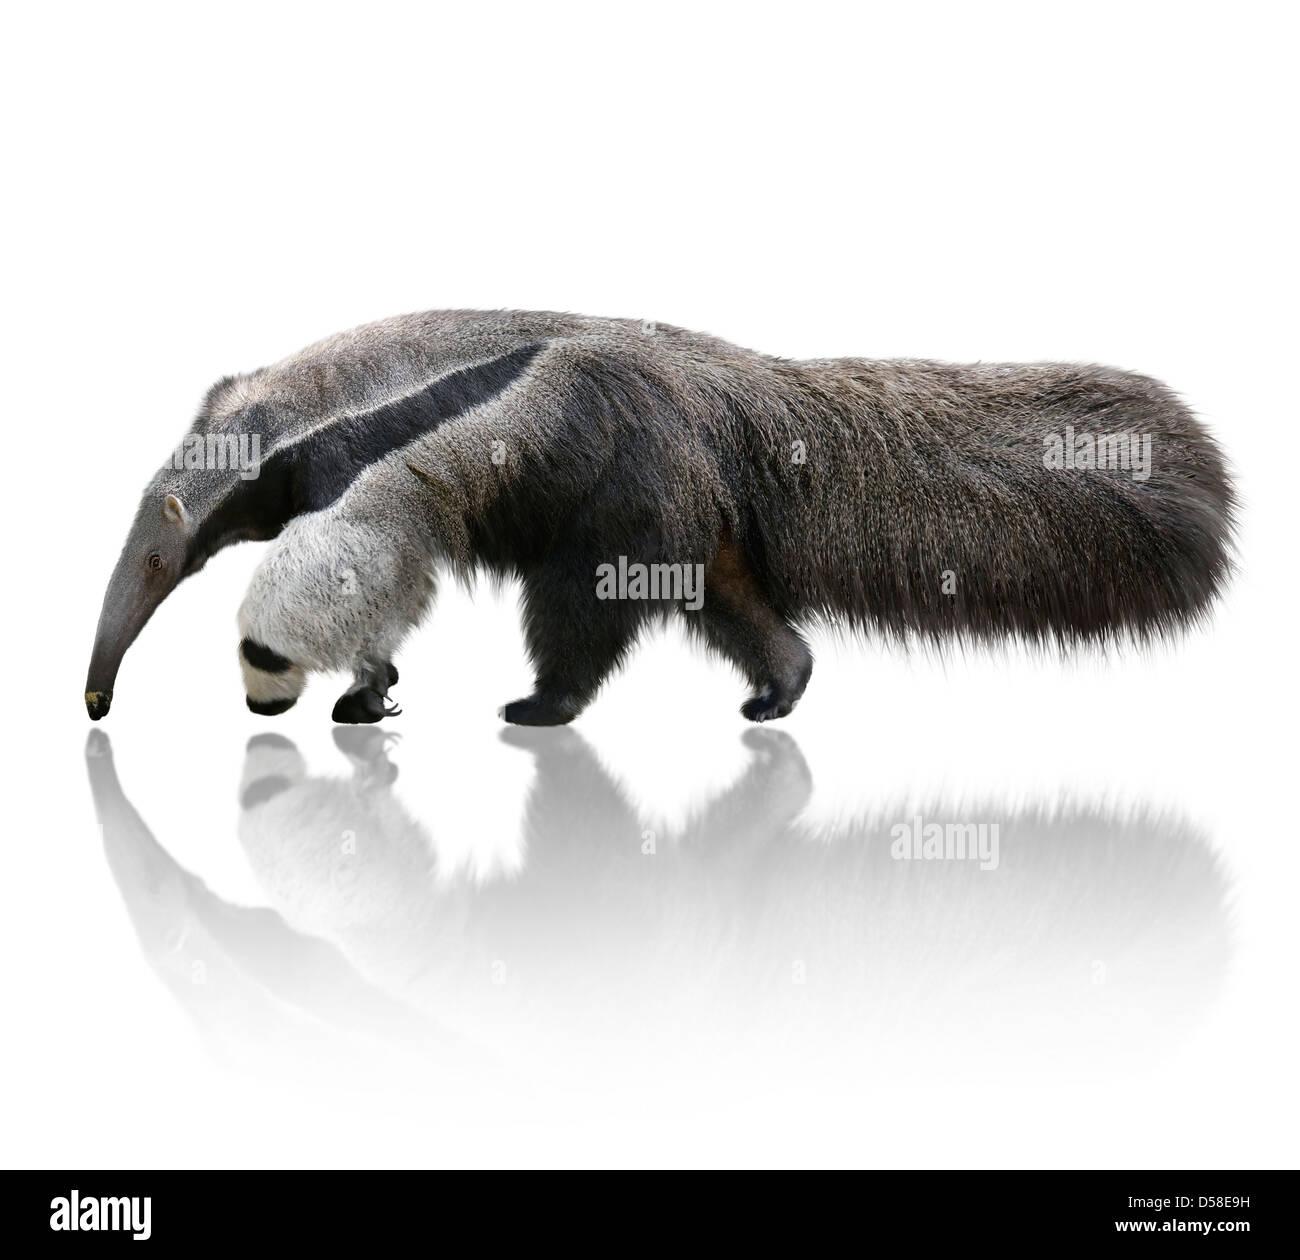 Giant Anteater, Myrmecophaga Tridactyla,On White Background Stock Photo